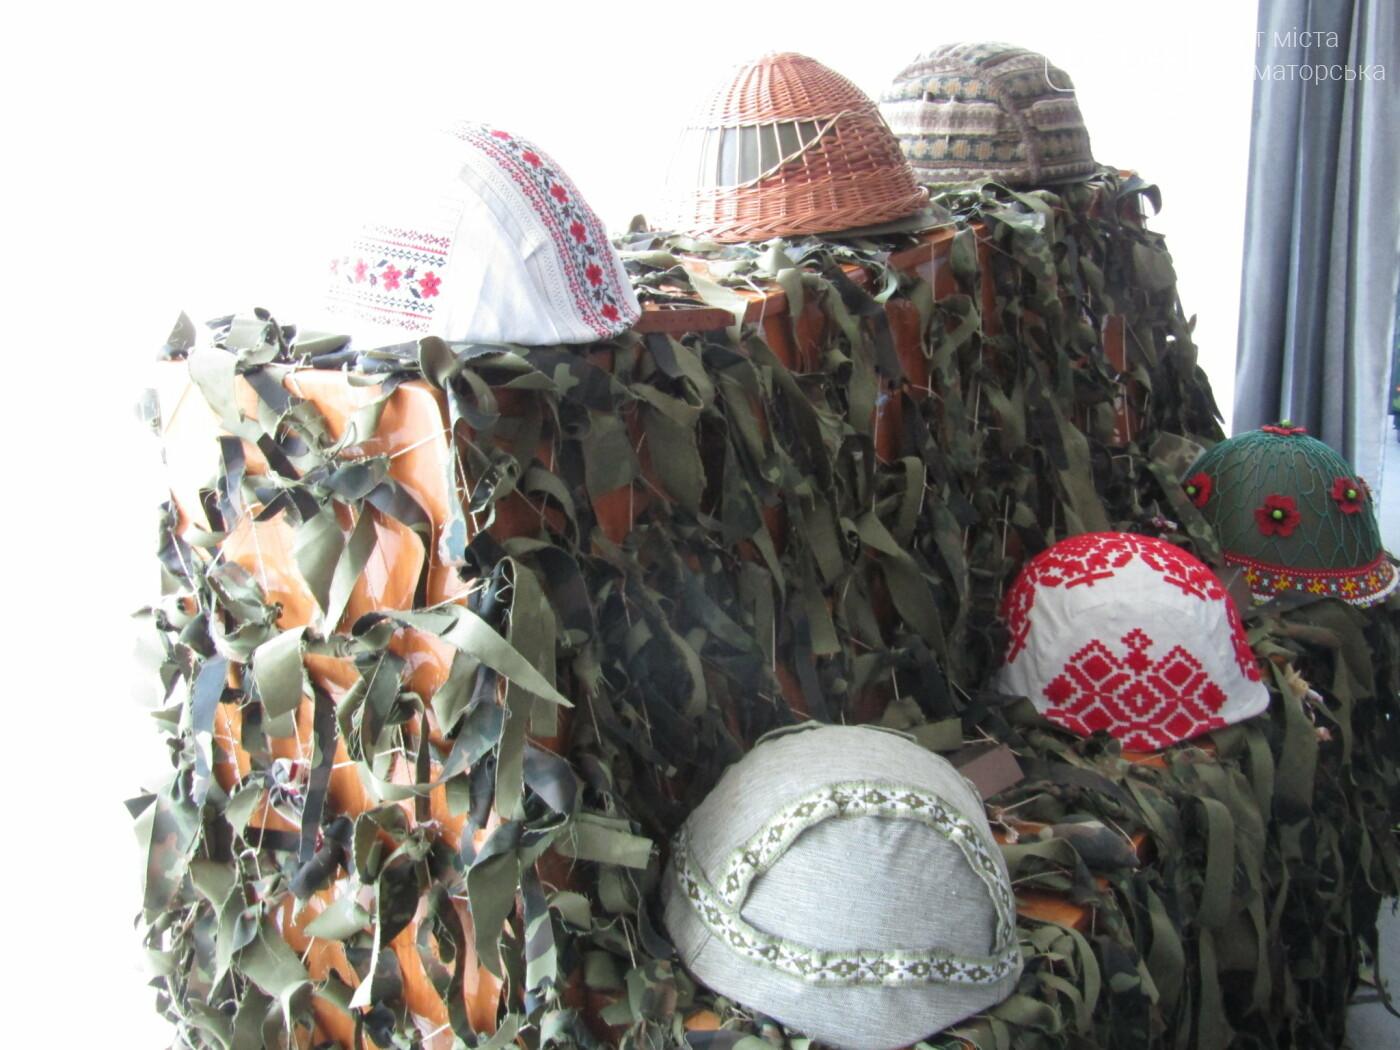 В Краматорске открылась выставка военной атрибутики «Военно-полевой Арт», фото-3